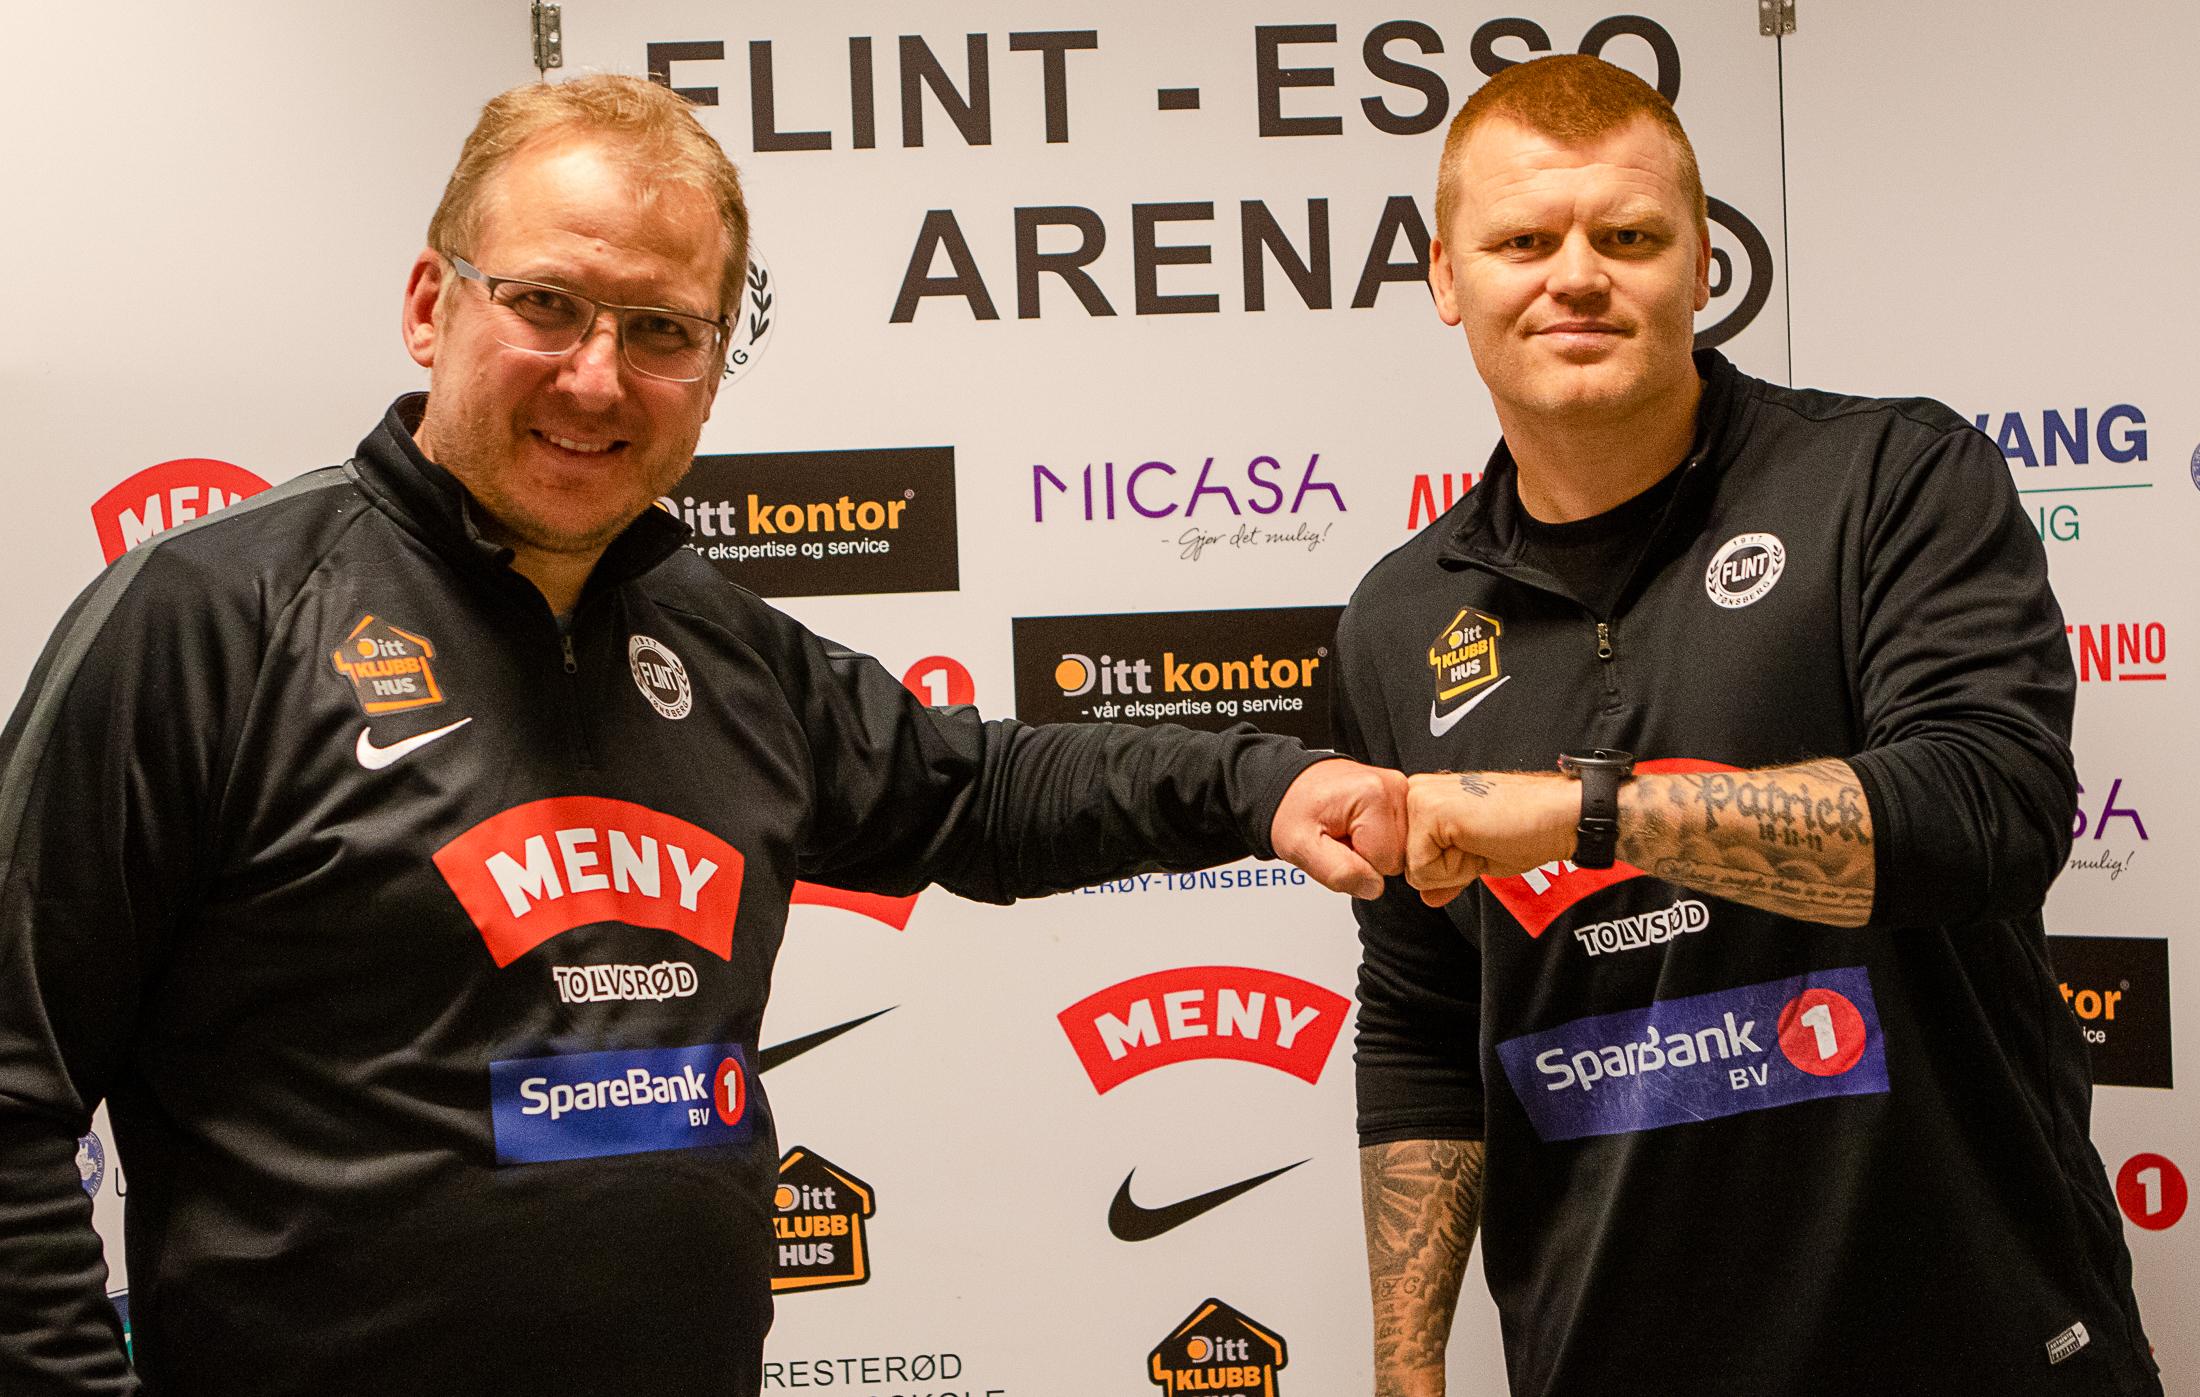 https://www.flintfotball.no/wp-content/uploads/2020/11/John-Arne-Riise-Espen-Rokaas-Flint-Fotball-2.jpg